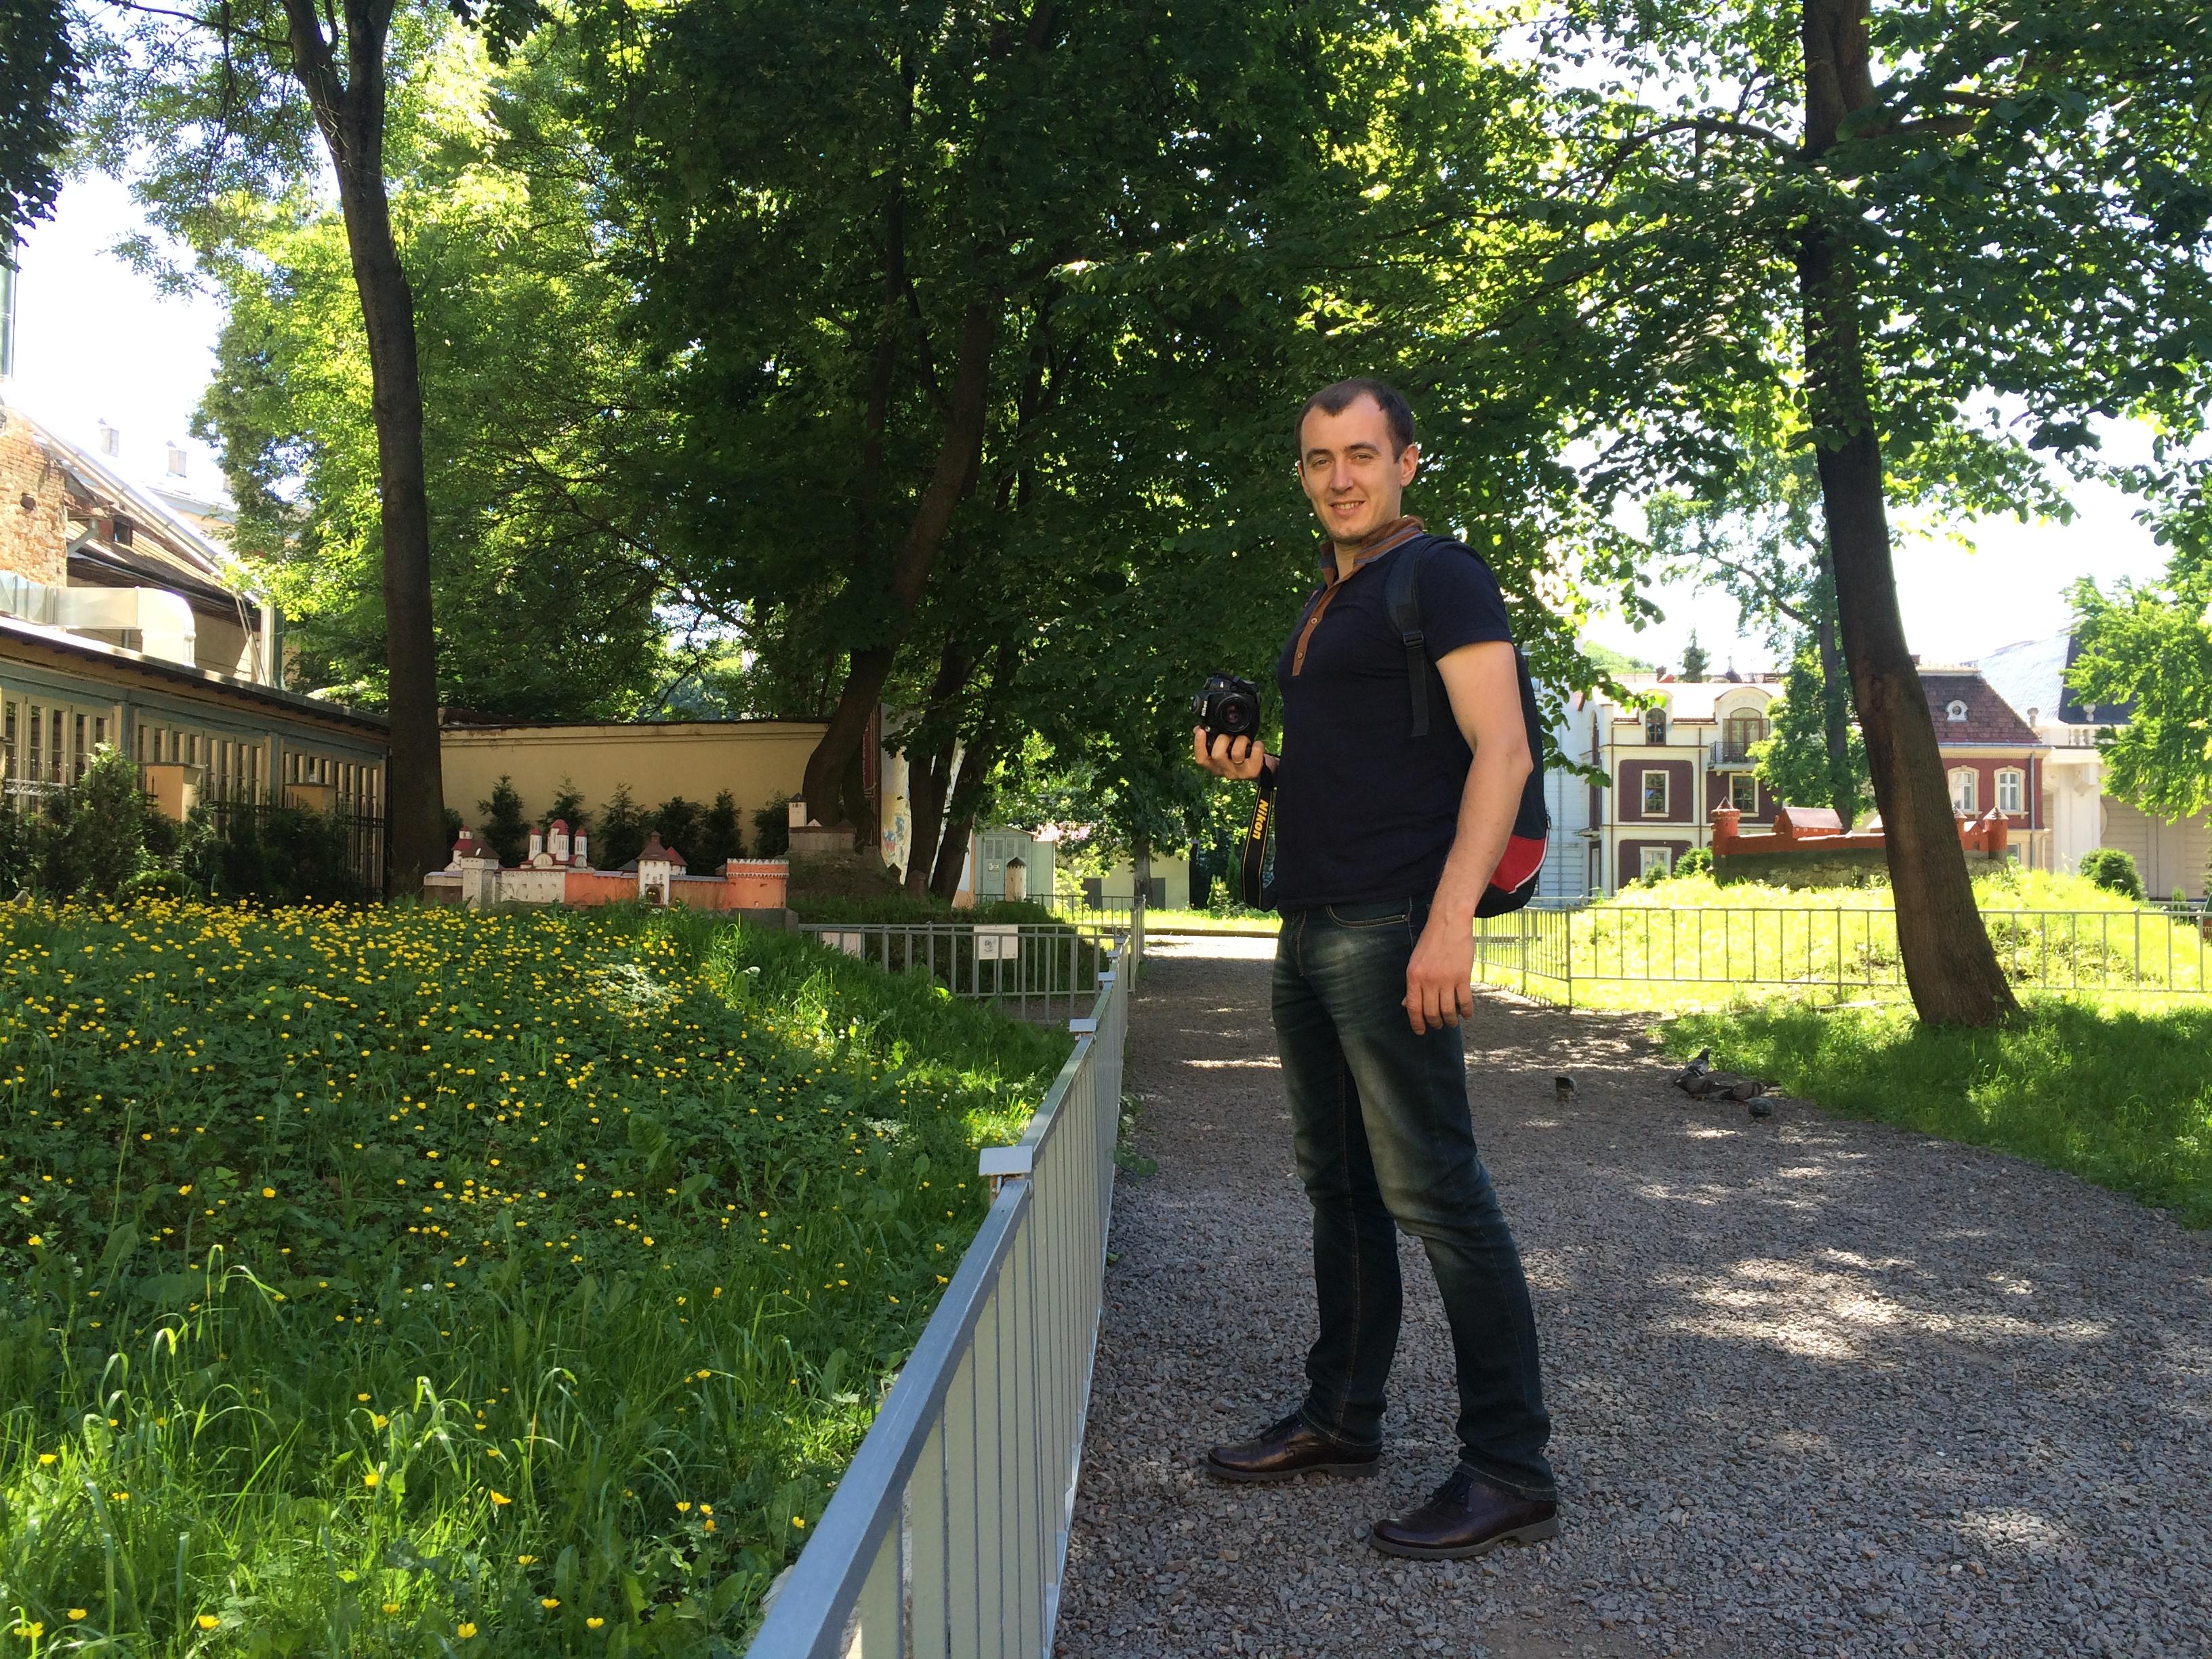 парк миниатюр замков и фортификационных сооружений древней Украины